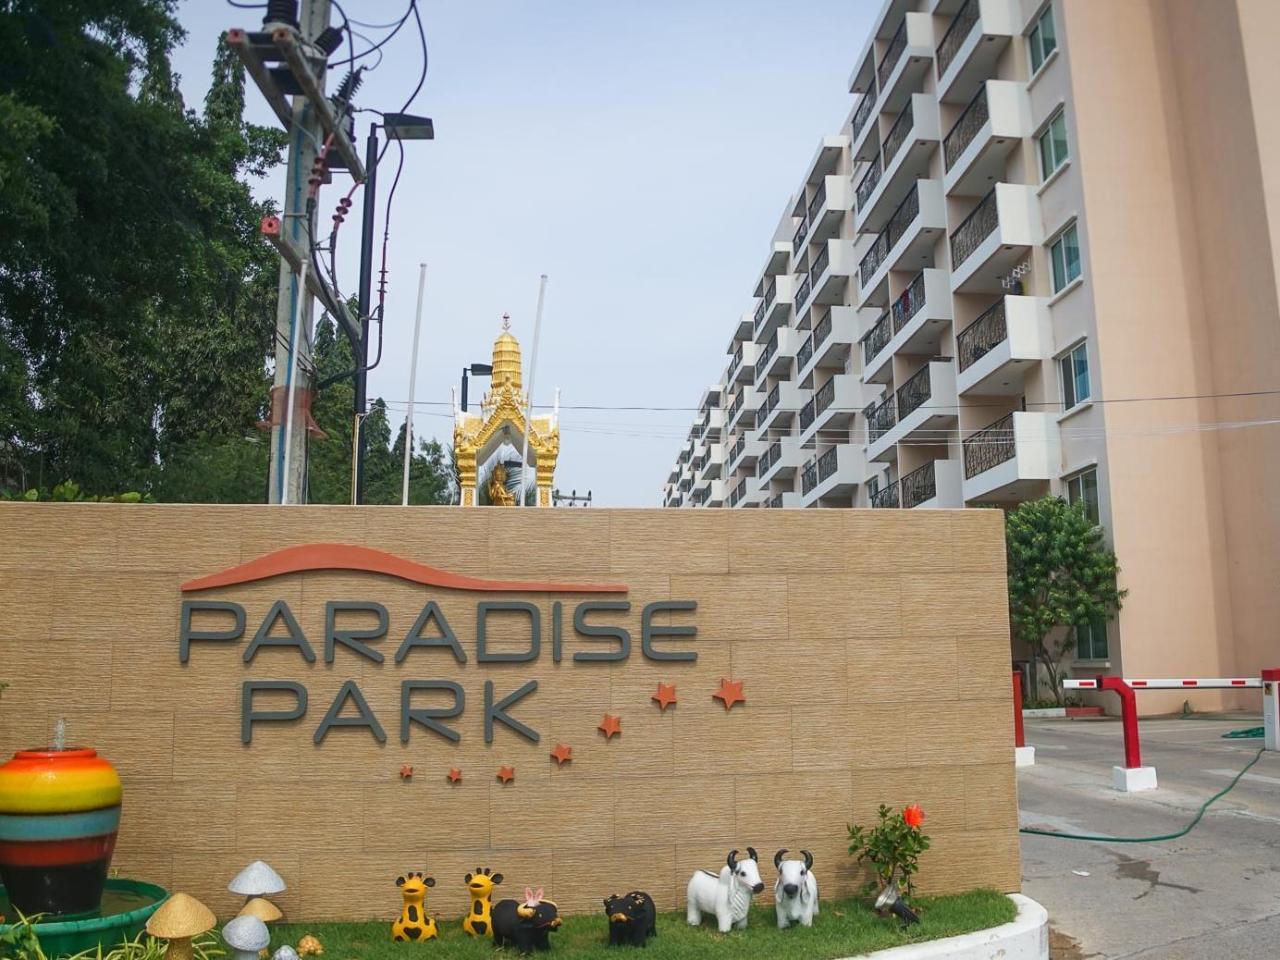 พาราไดซ์ พาร์ค บาย มิสเตอร์ บัตเลอร์ (Paradise Park By Mr.Butler)